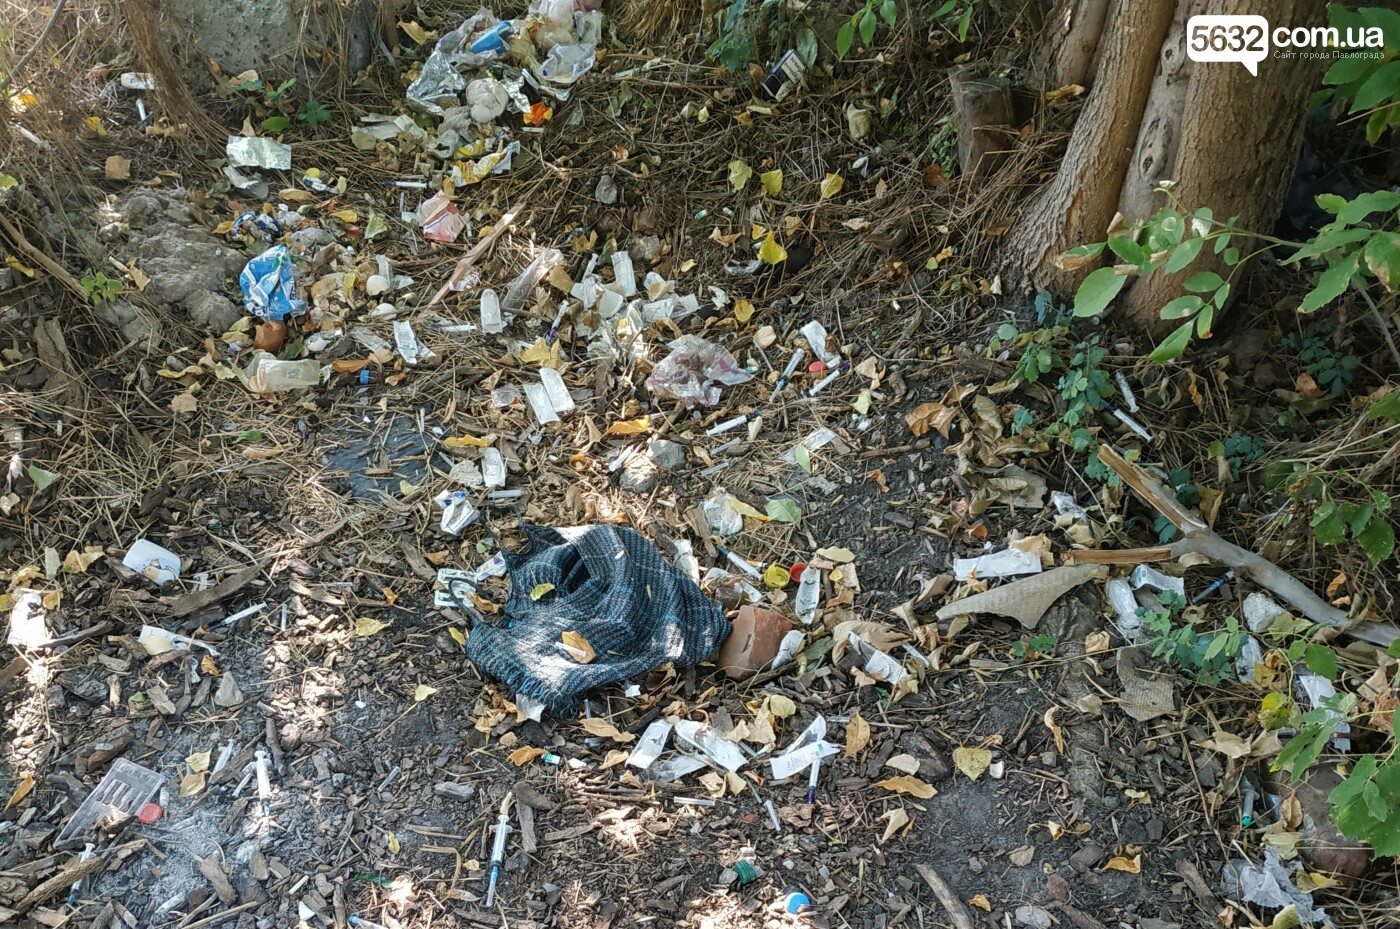 Свалка для мусора и «рассадник» наркомании: всё это в центре Павлограда, фото-3